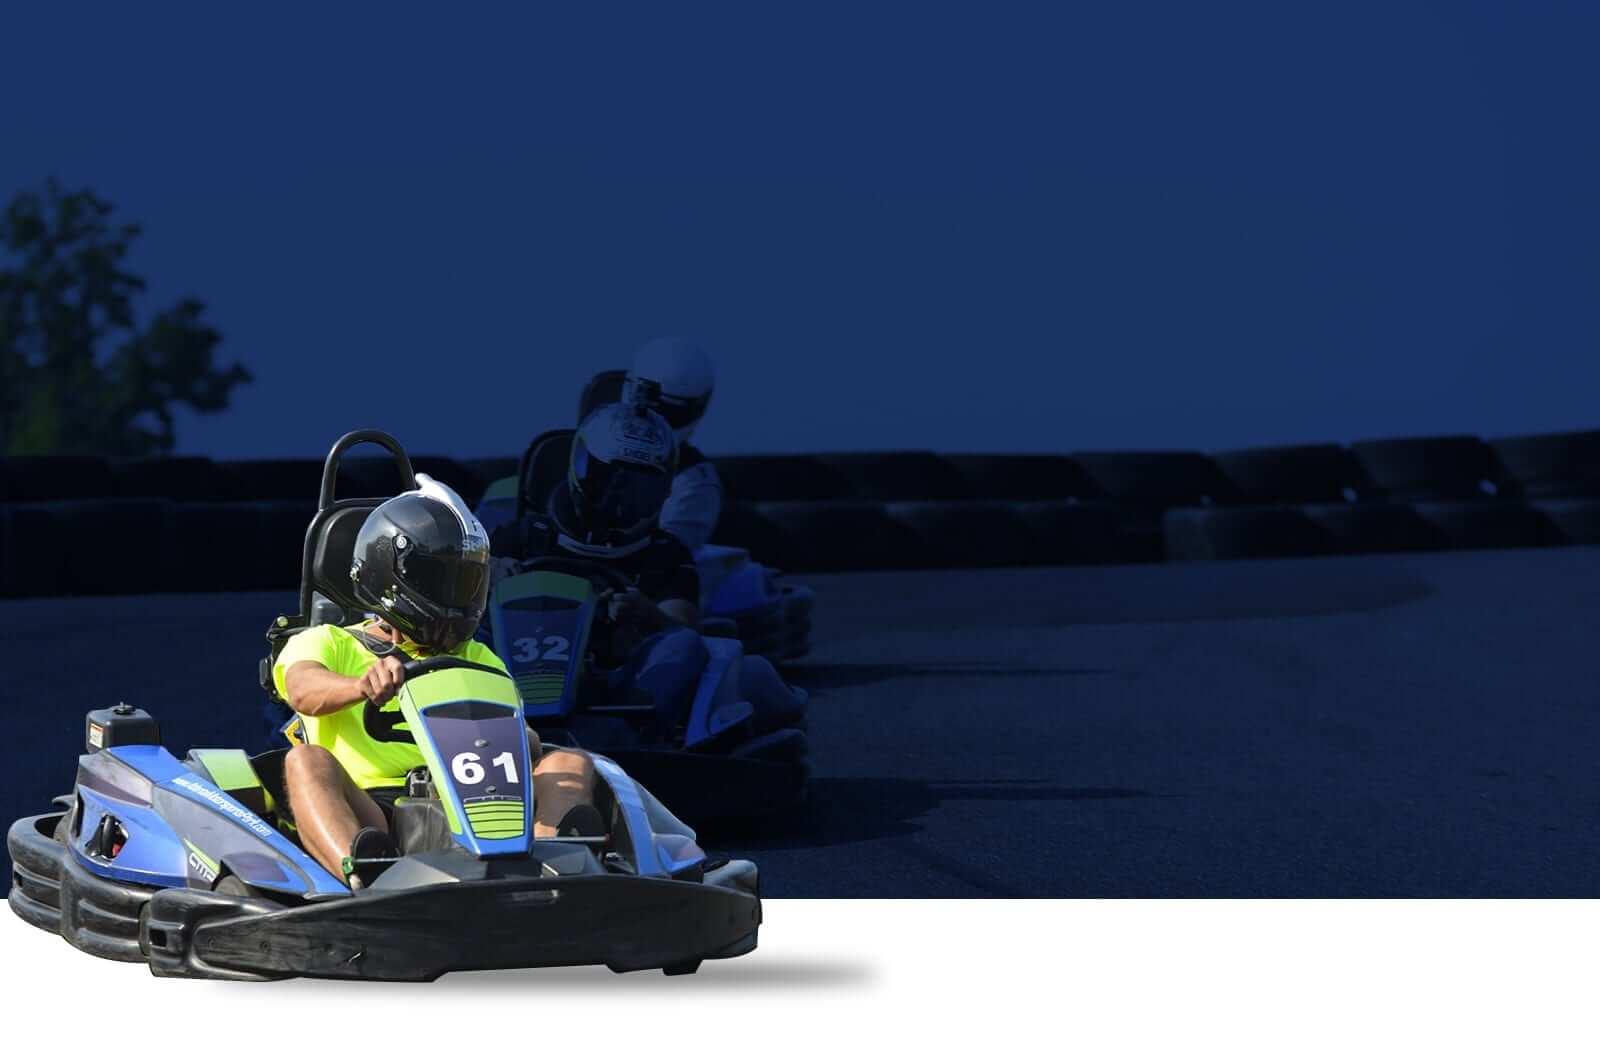 Atlanta Kart Racing | Speeds up to 55 MPH | AMP